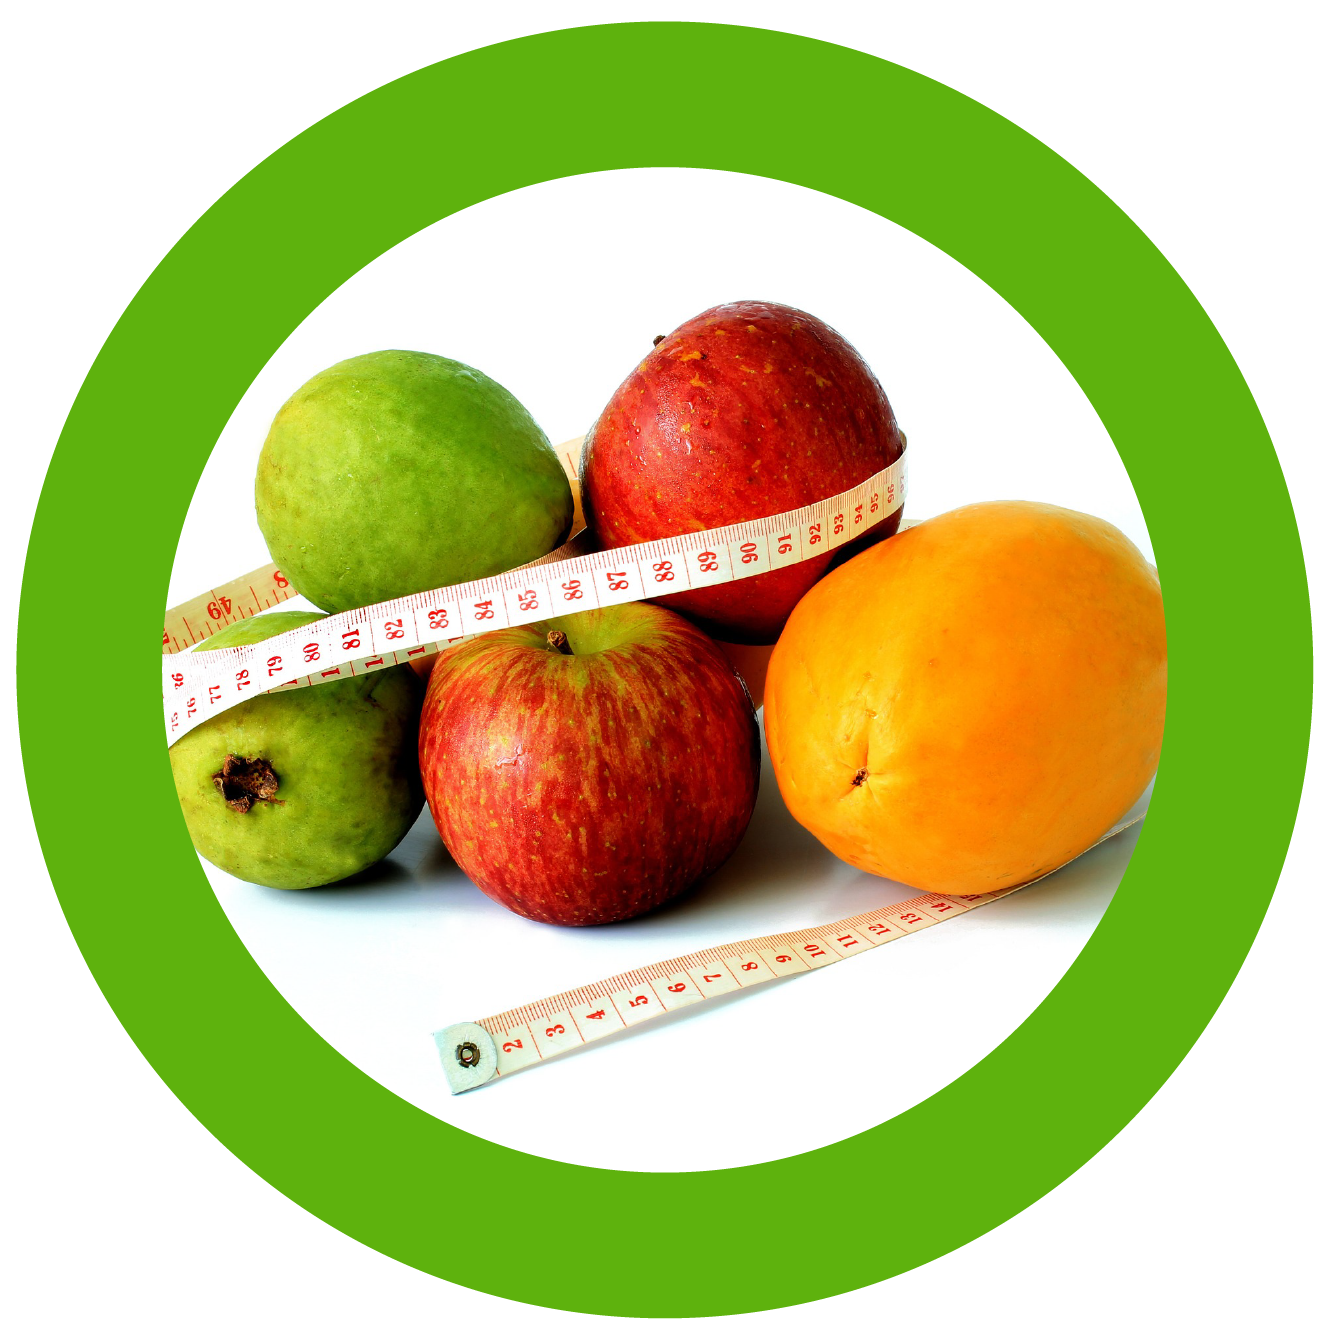 Hübner Prevent optimale Ernährung für Ihren Stoffwechsel